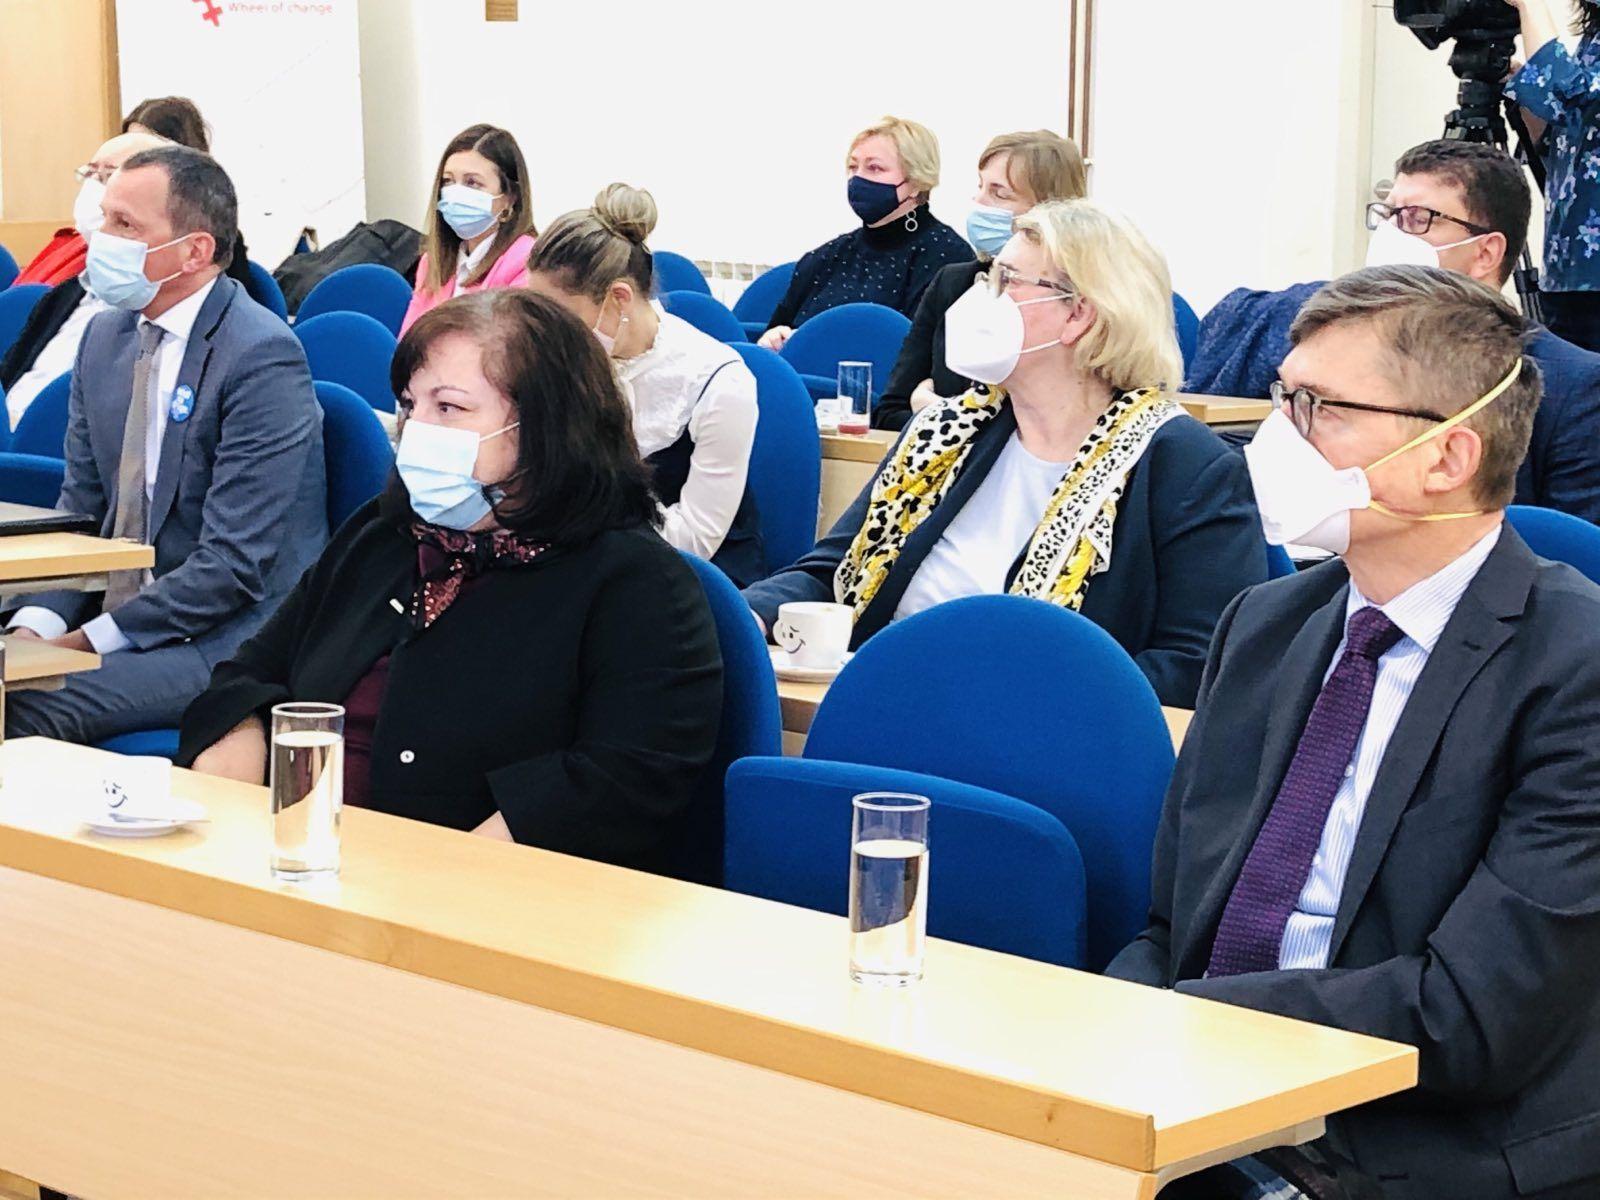 grad bjelovar-veleposlanici (4)